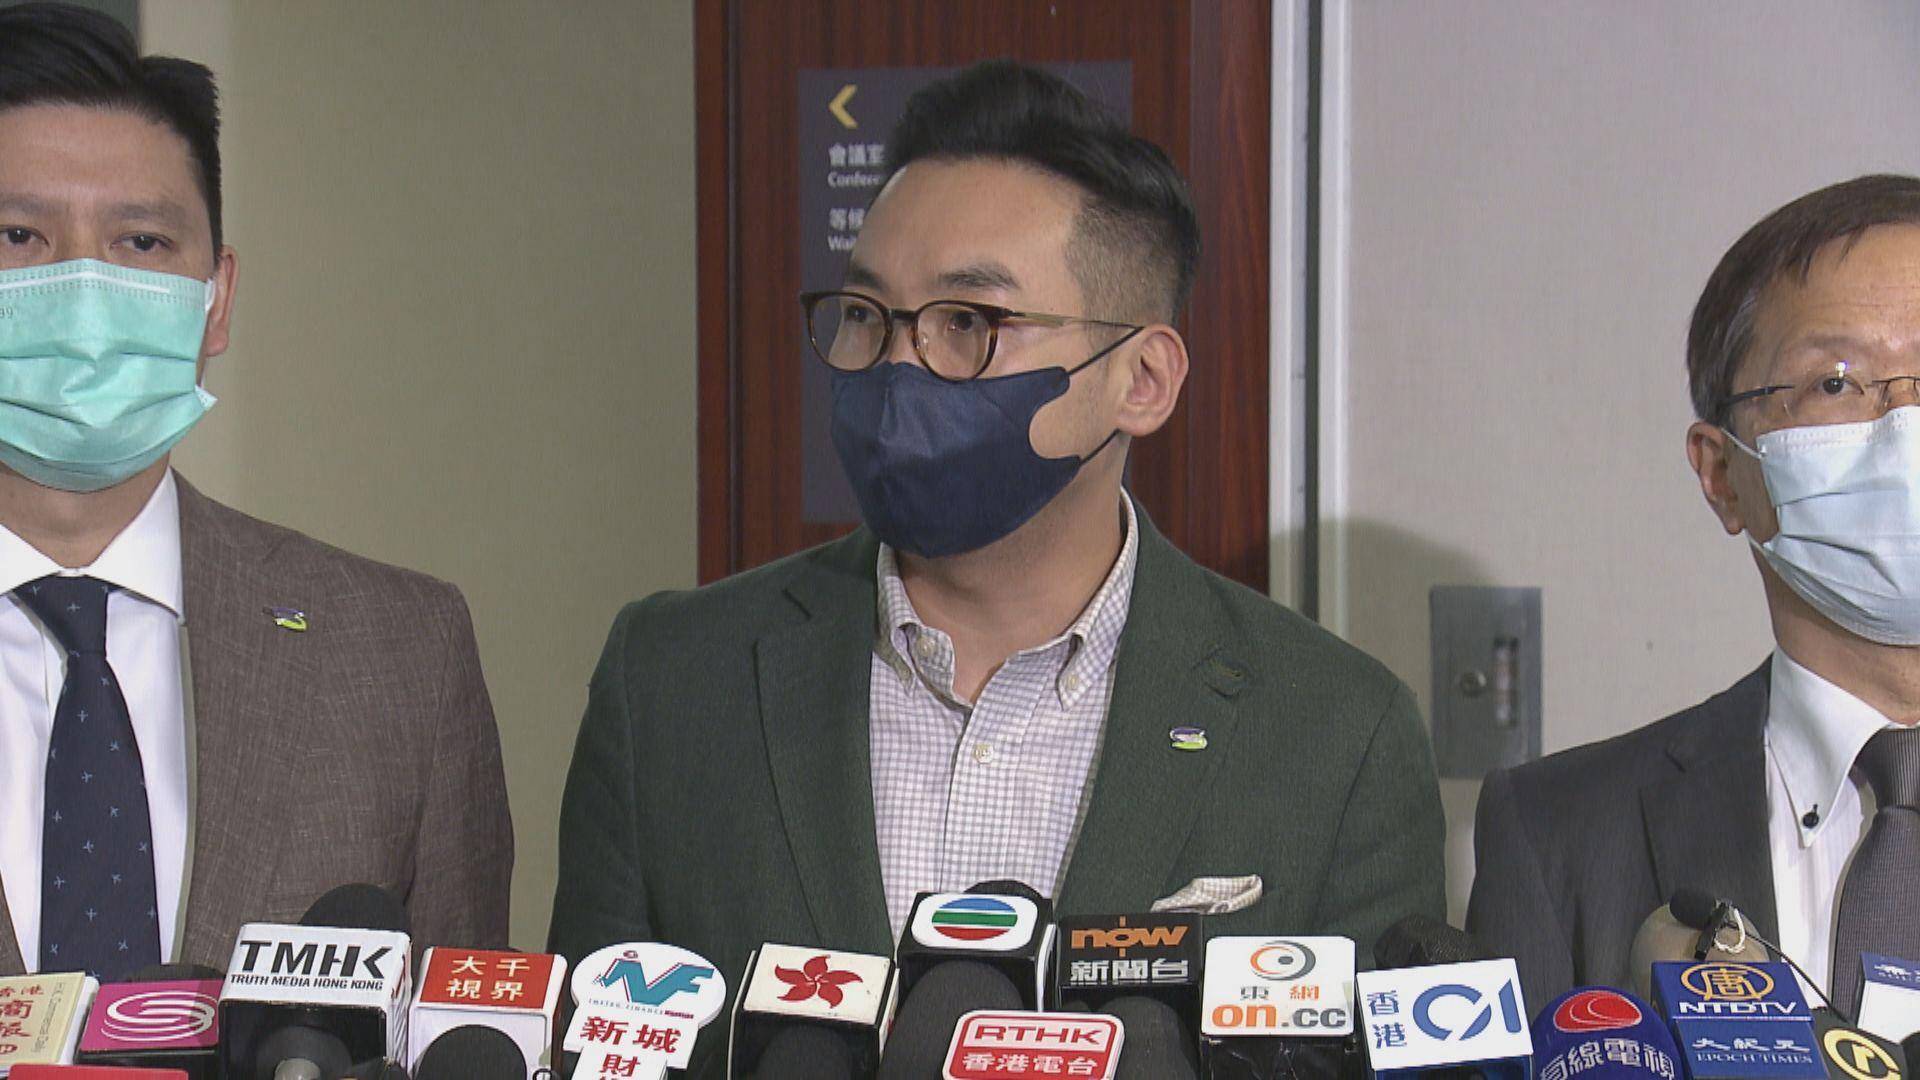 警拘鏗鏘集編導 民主派批壓制傳媒調查721事件真相